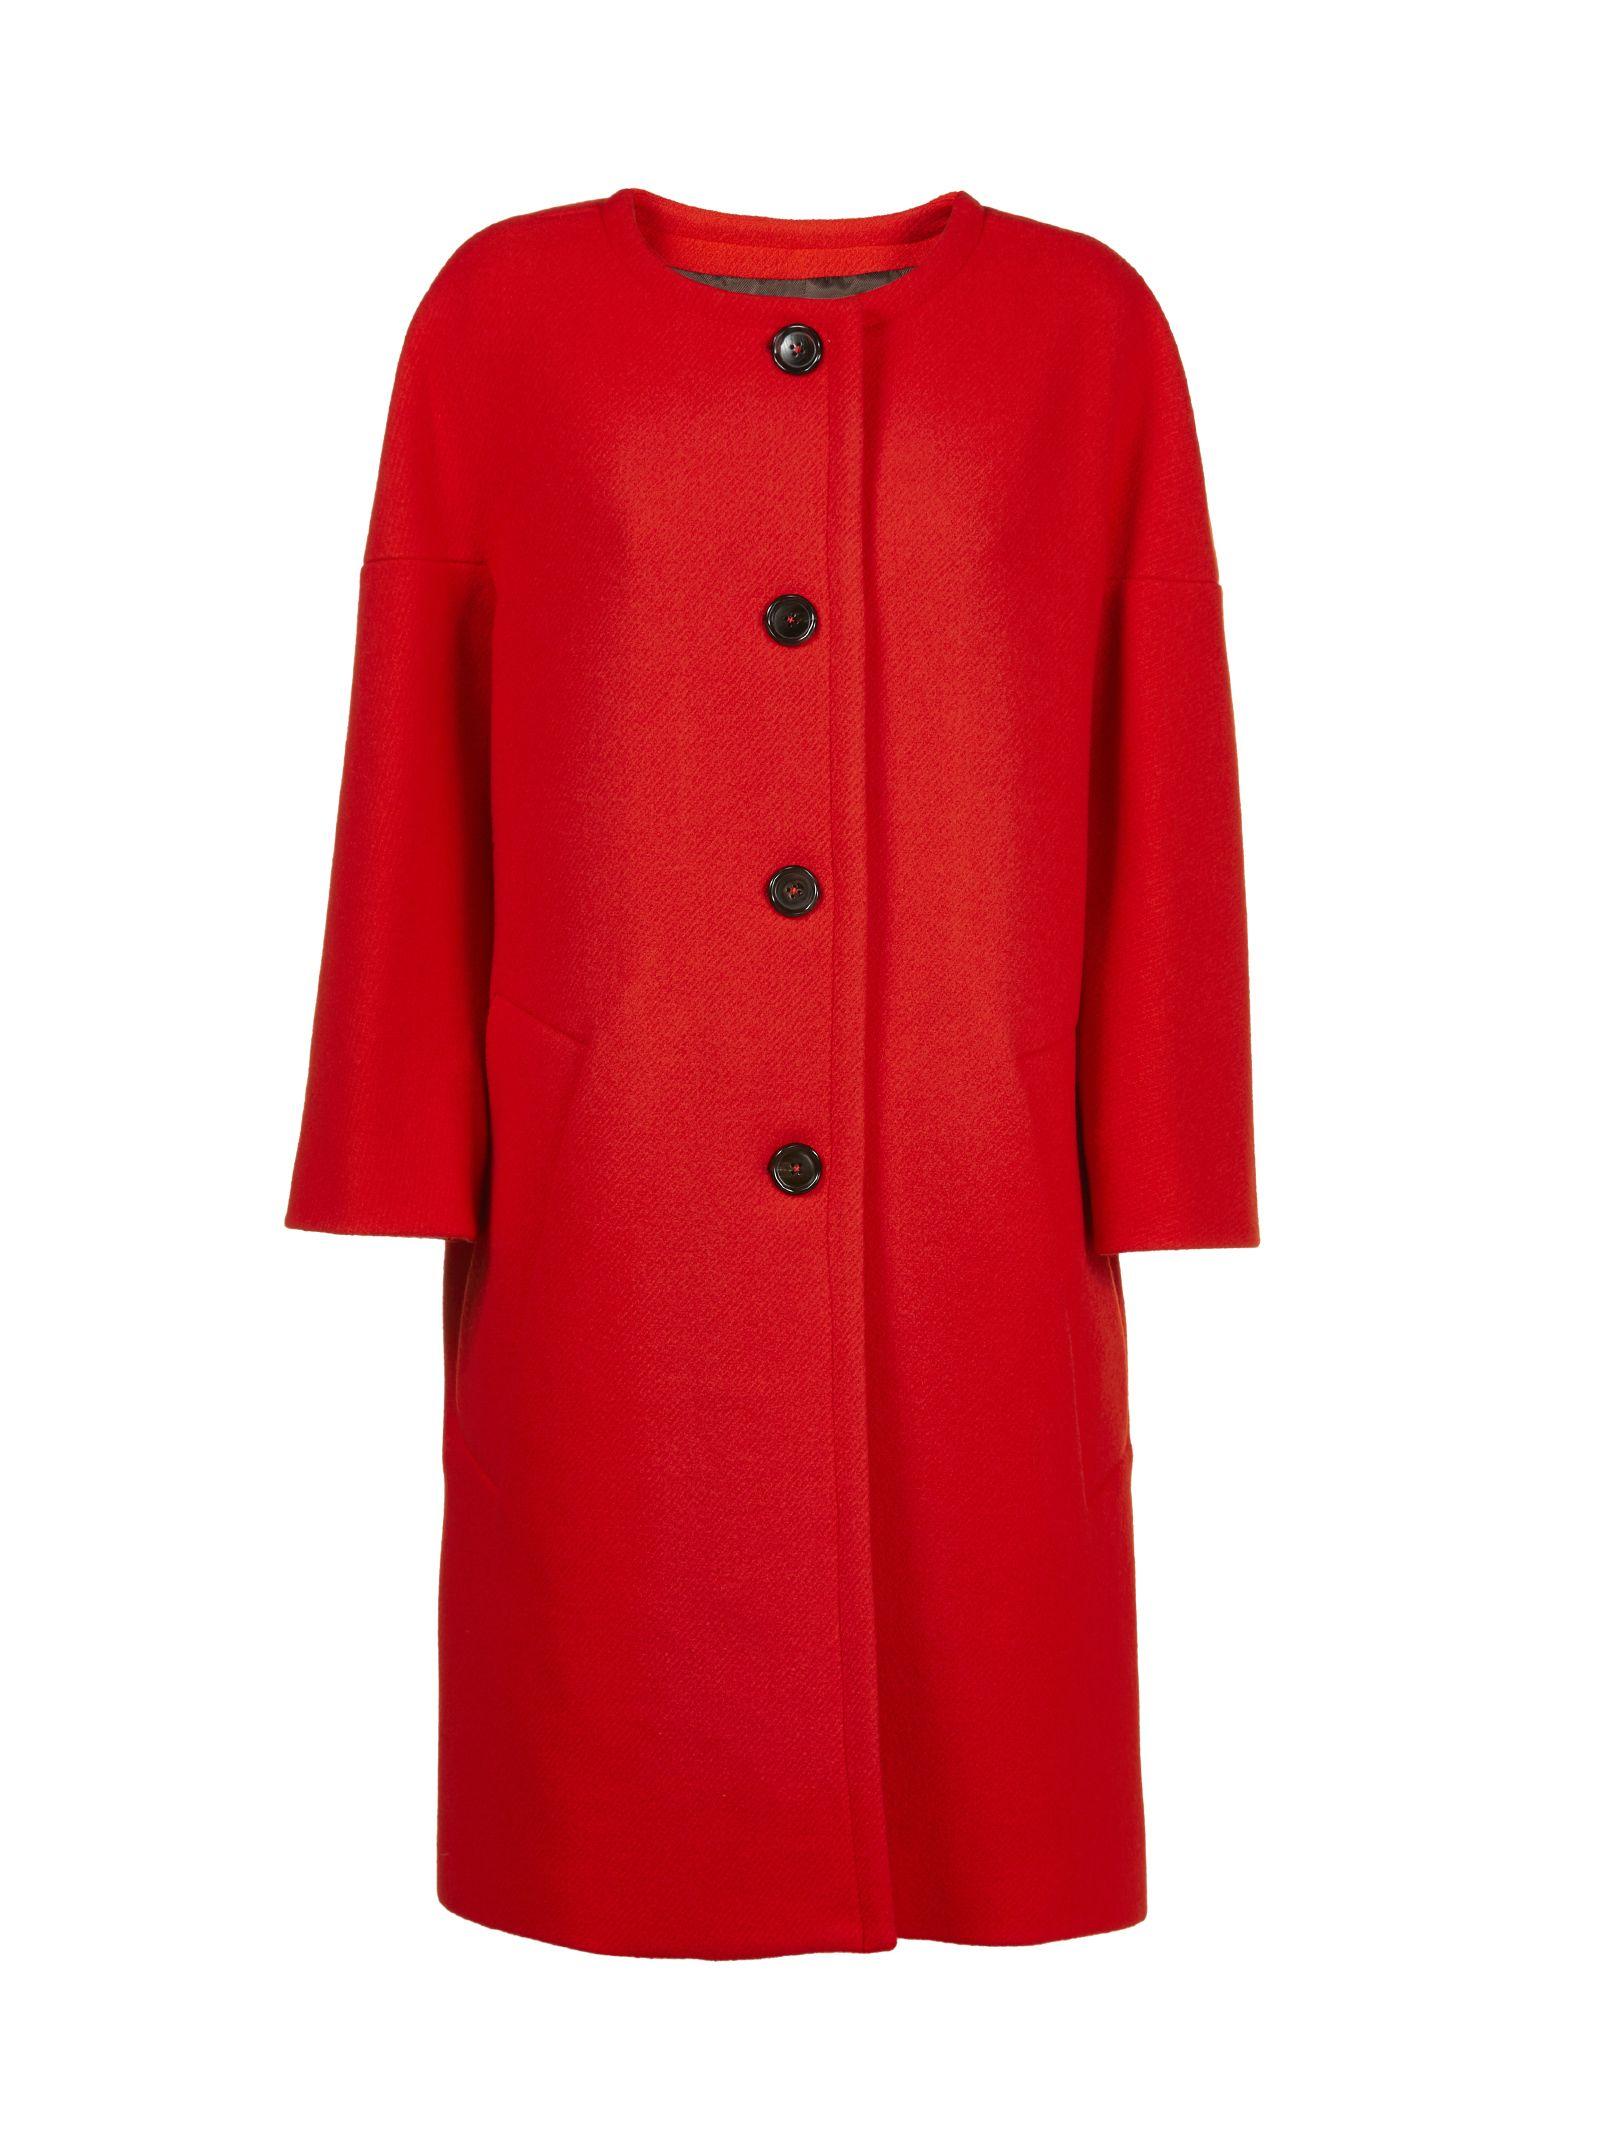 Marni Vintage Coat